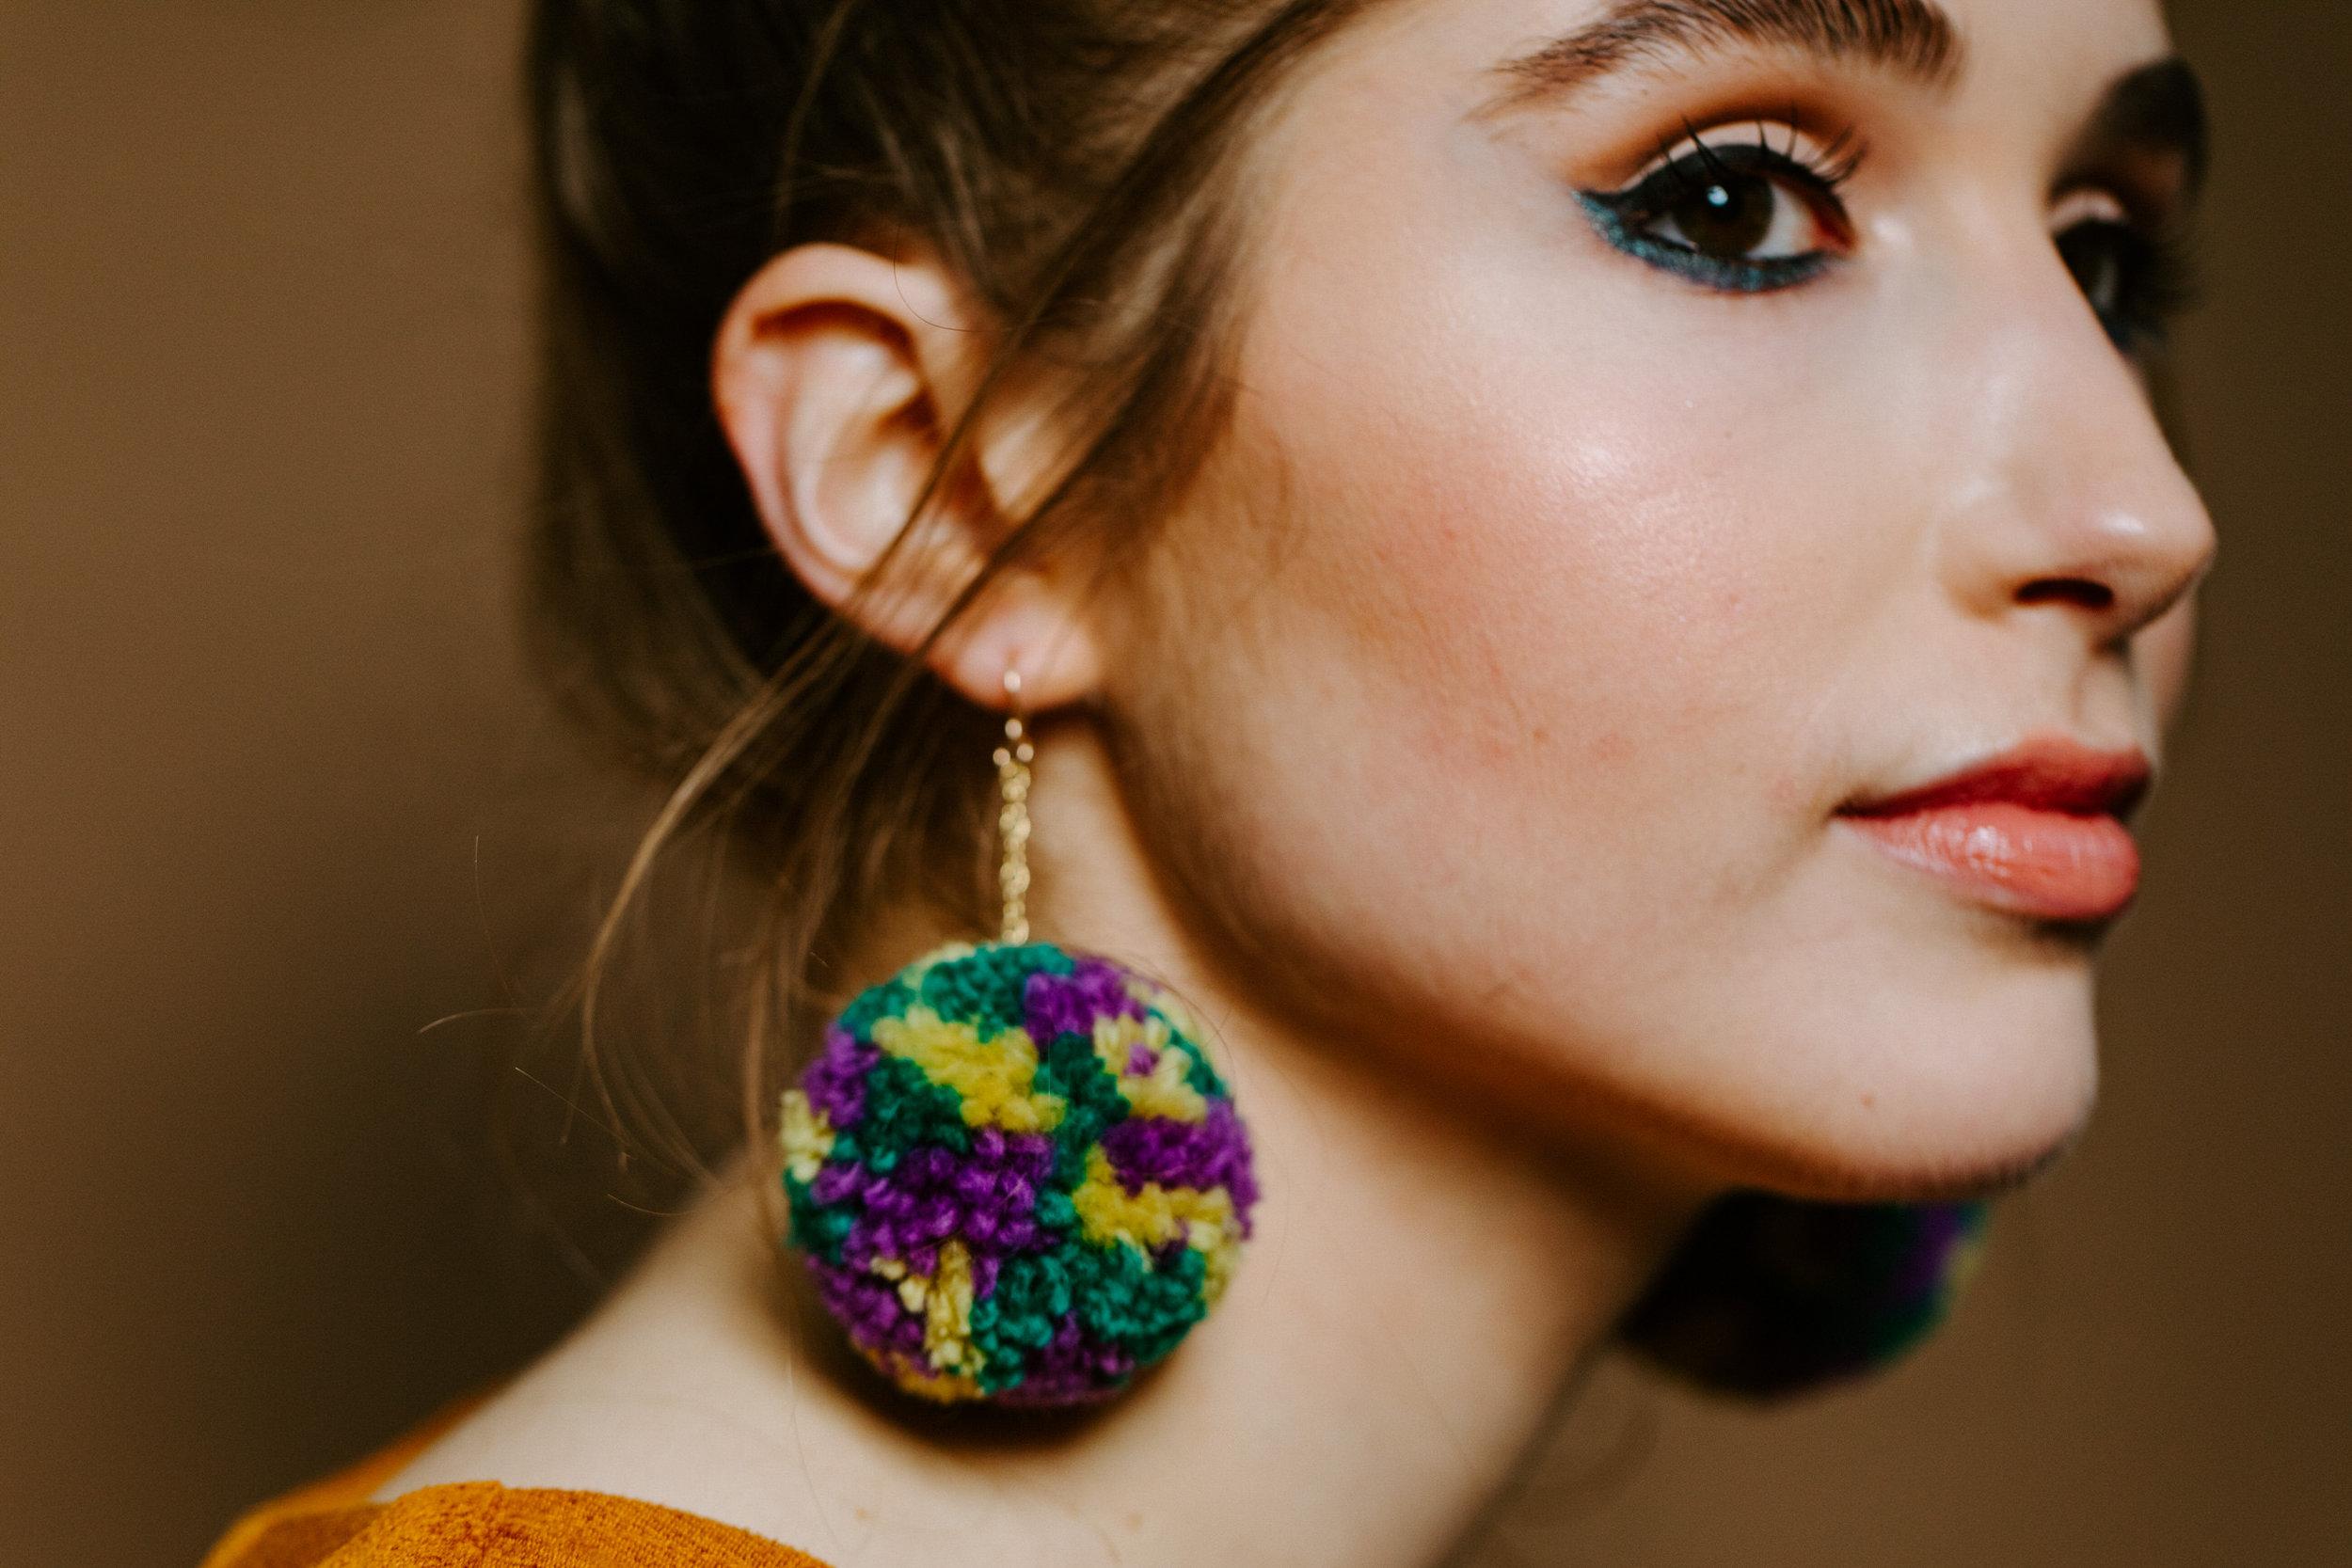 rebekah-earrings-8552.jpg